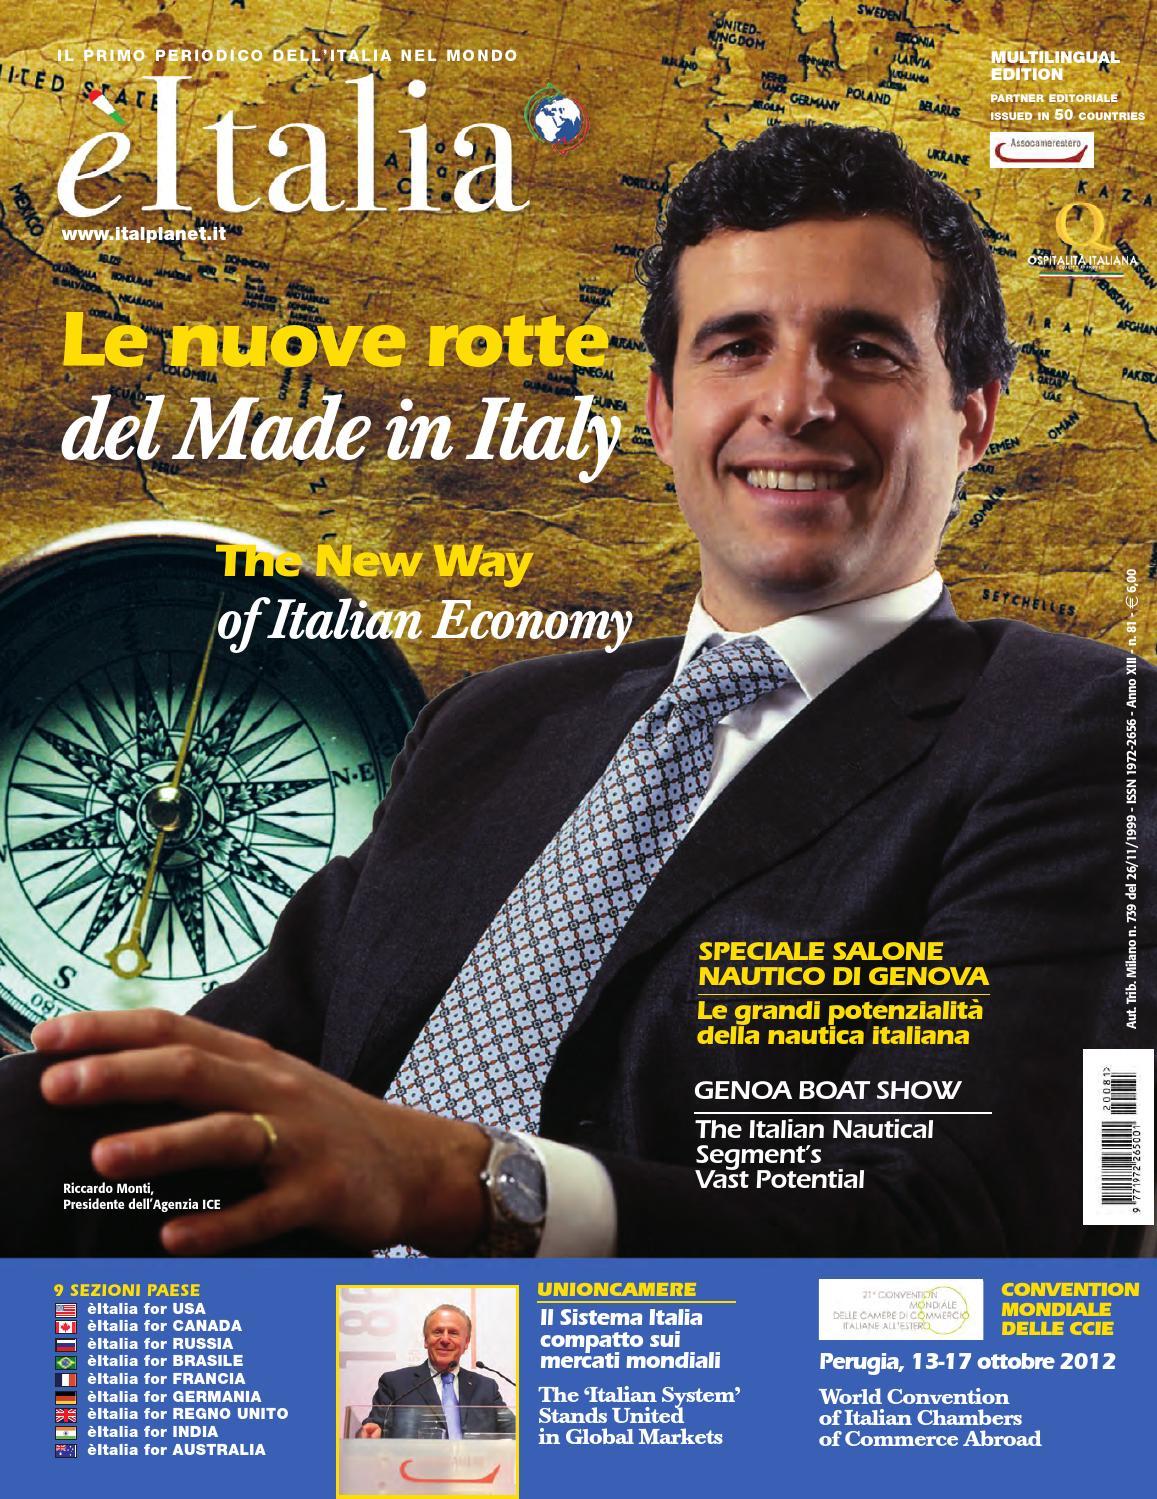 èitalia 81 – Il Primo Periodico dell Italia nel Mondo by èItalia - issuu 34a8cafd9c2f